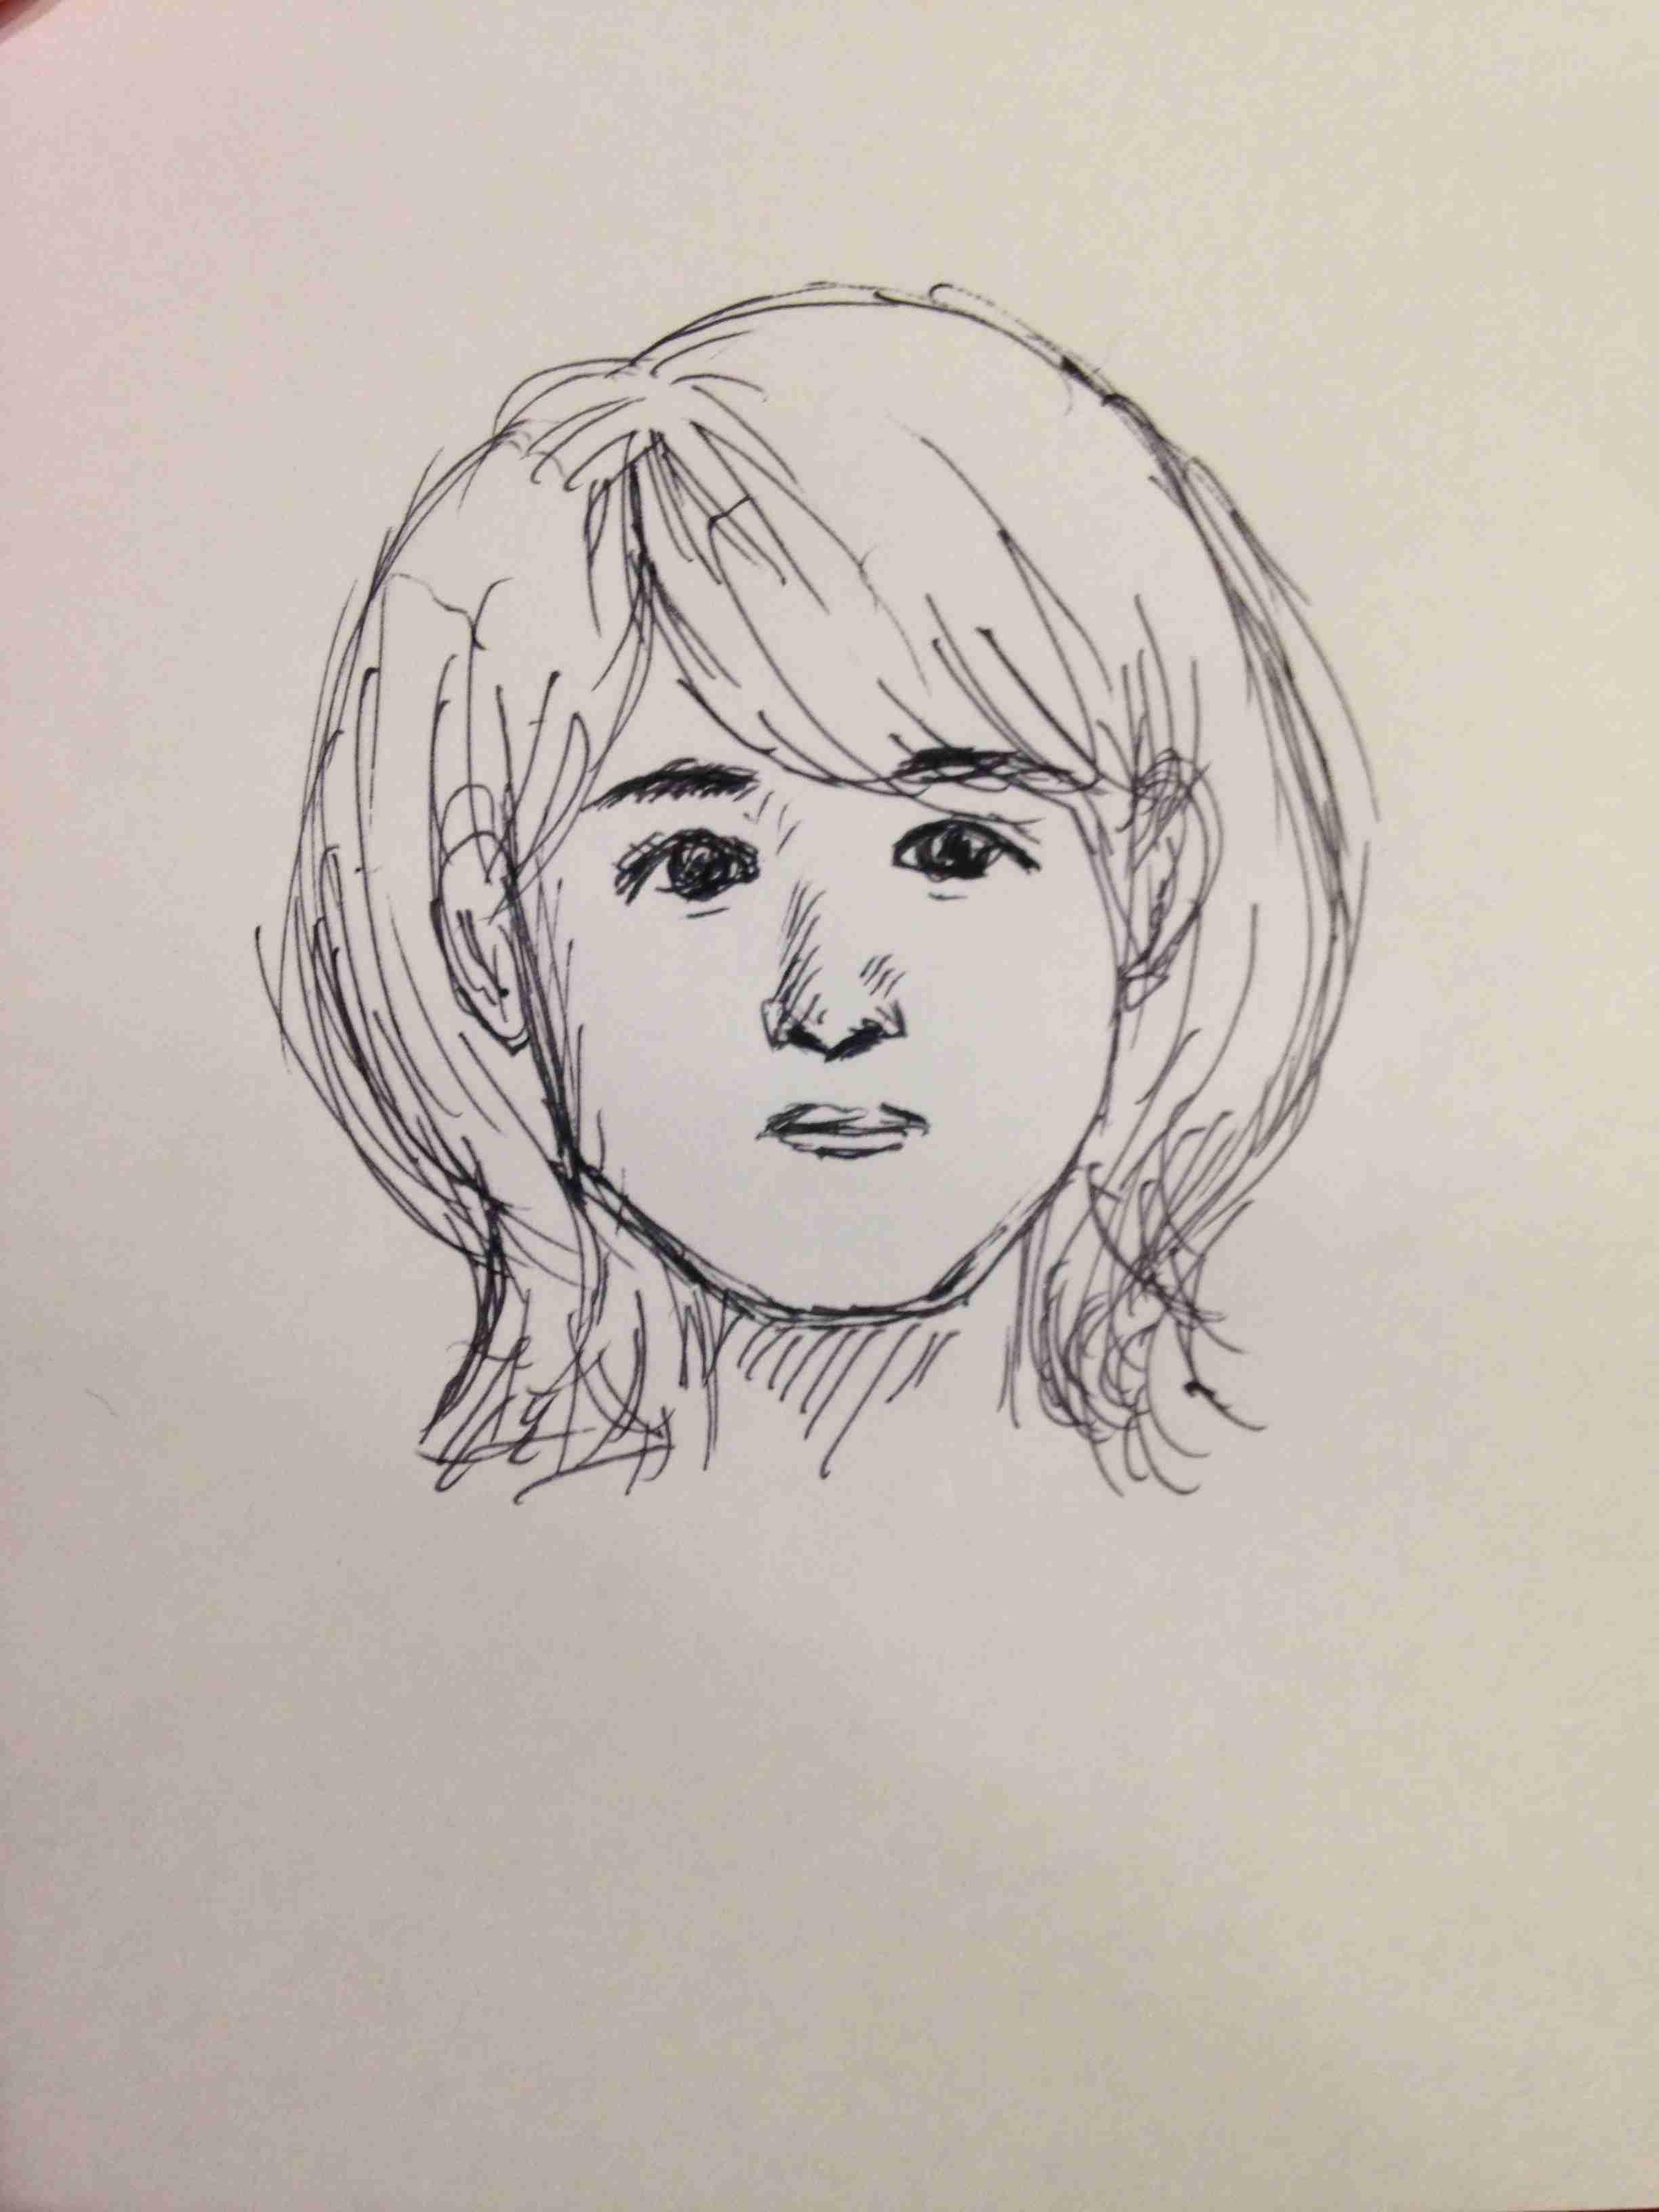 自分の顔の特徴を説明して絵に描いてもらうトピ